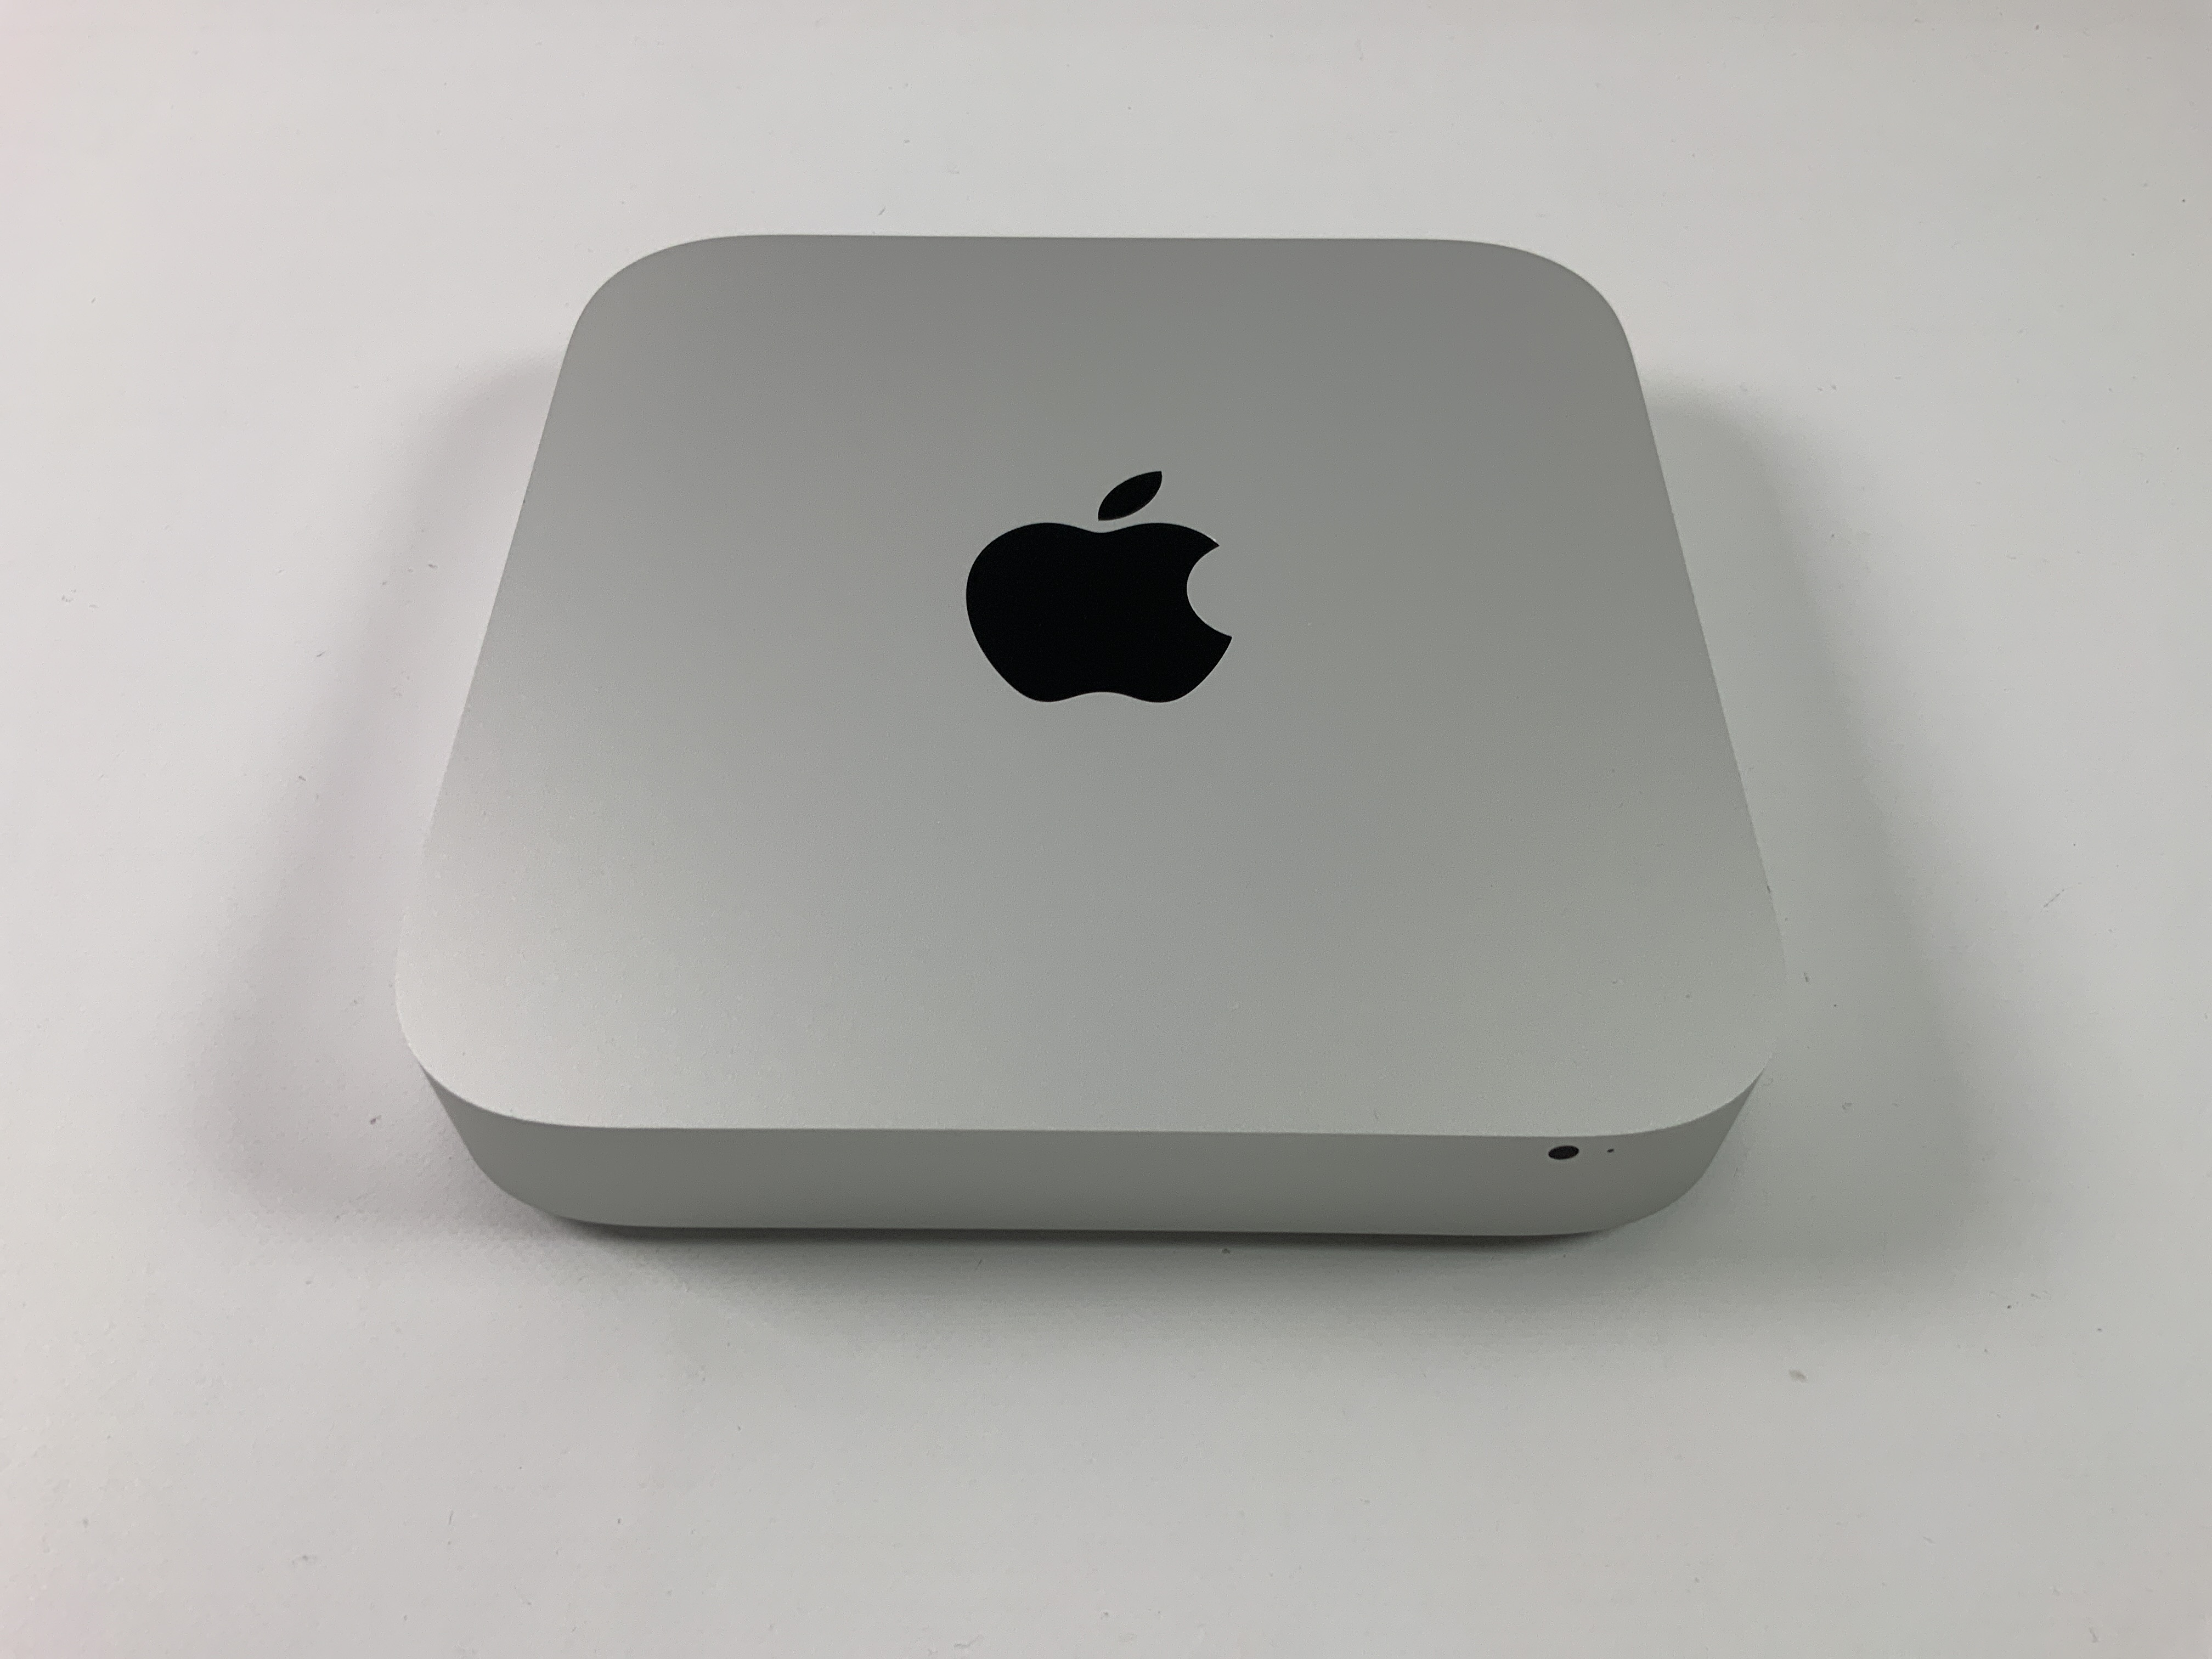 Mac Mini Late 2014 (Intel Core i7 3.0 GHz 16 GB RAM 1 TB SSD), Intel Core i7 3.0 GHz, 16 GB RAM, 1 TB SSD, imagen 1